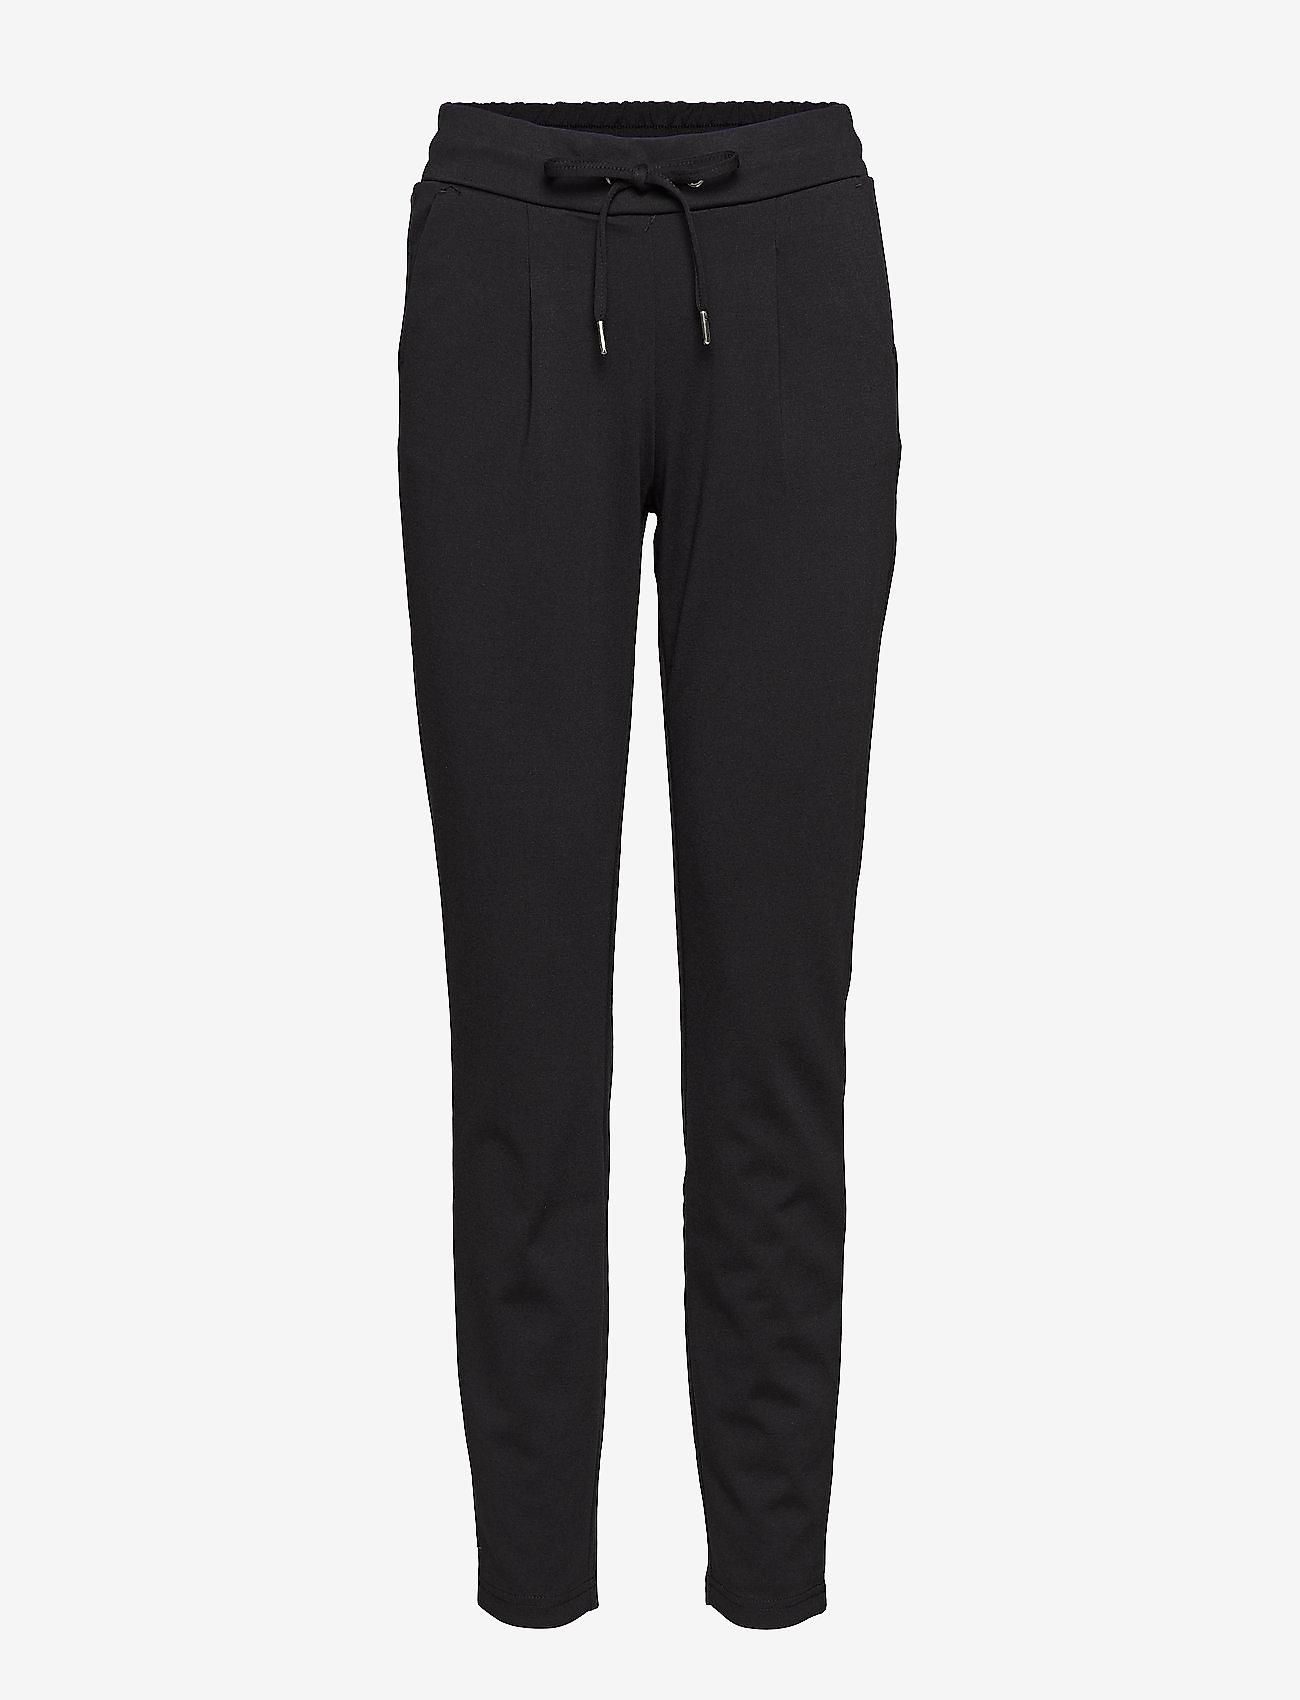 b.young - Rizetta pants 2 - Jersey - pantalons slim fit - black - 0